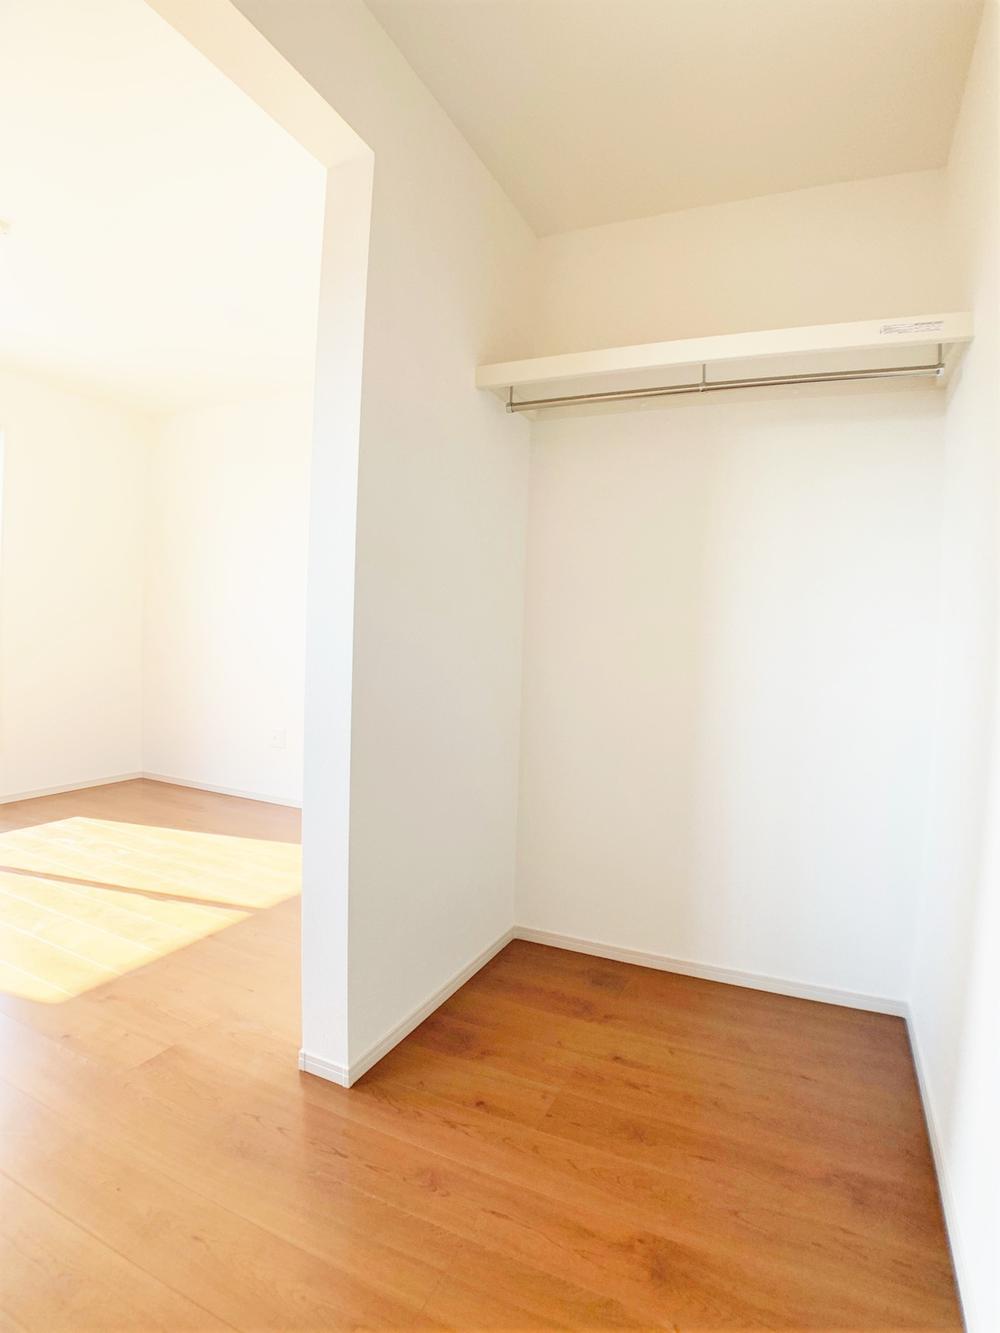 扉の無いウォークインクローゼットは出入りが楽々♪洋服やバッグ等をたっぷり収納できます。お部屋がすっきり片付き、朝の身支度もスムーズに行えます。  室内(2020年12月)撮影